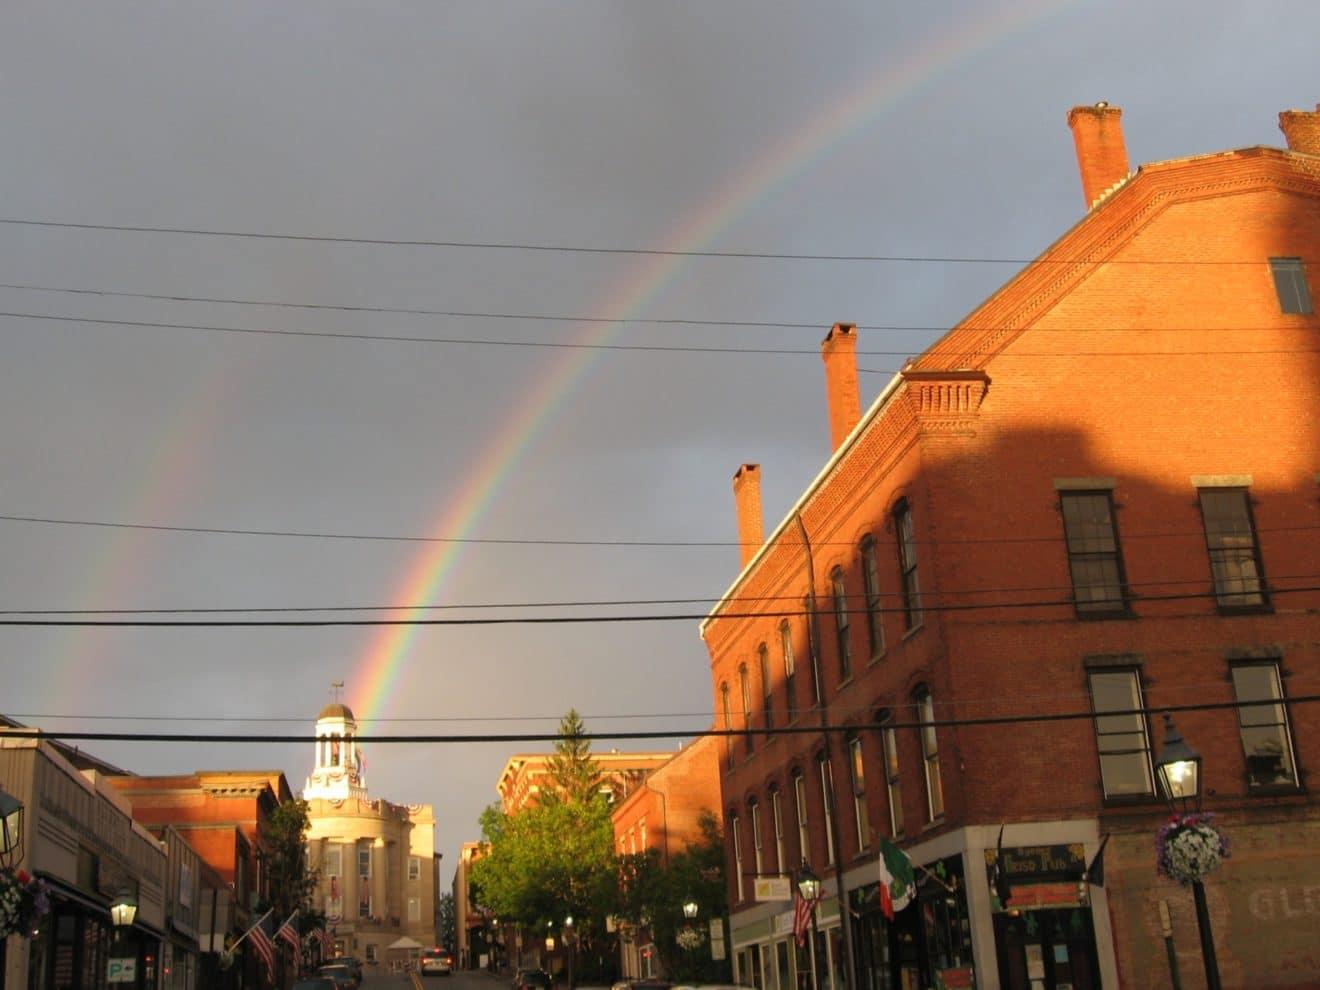 Rainbow over bath